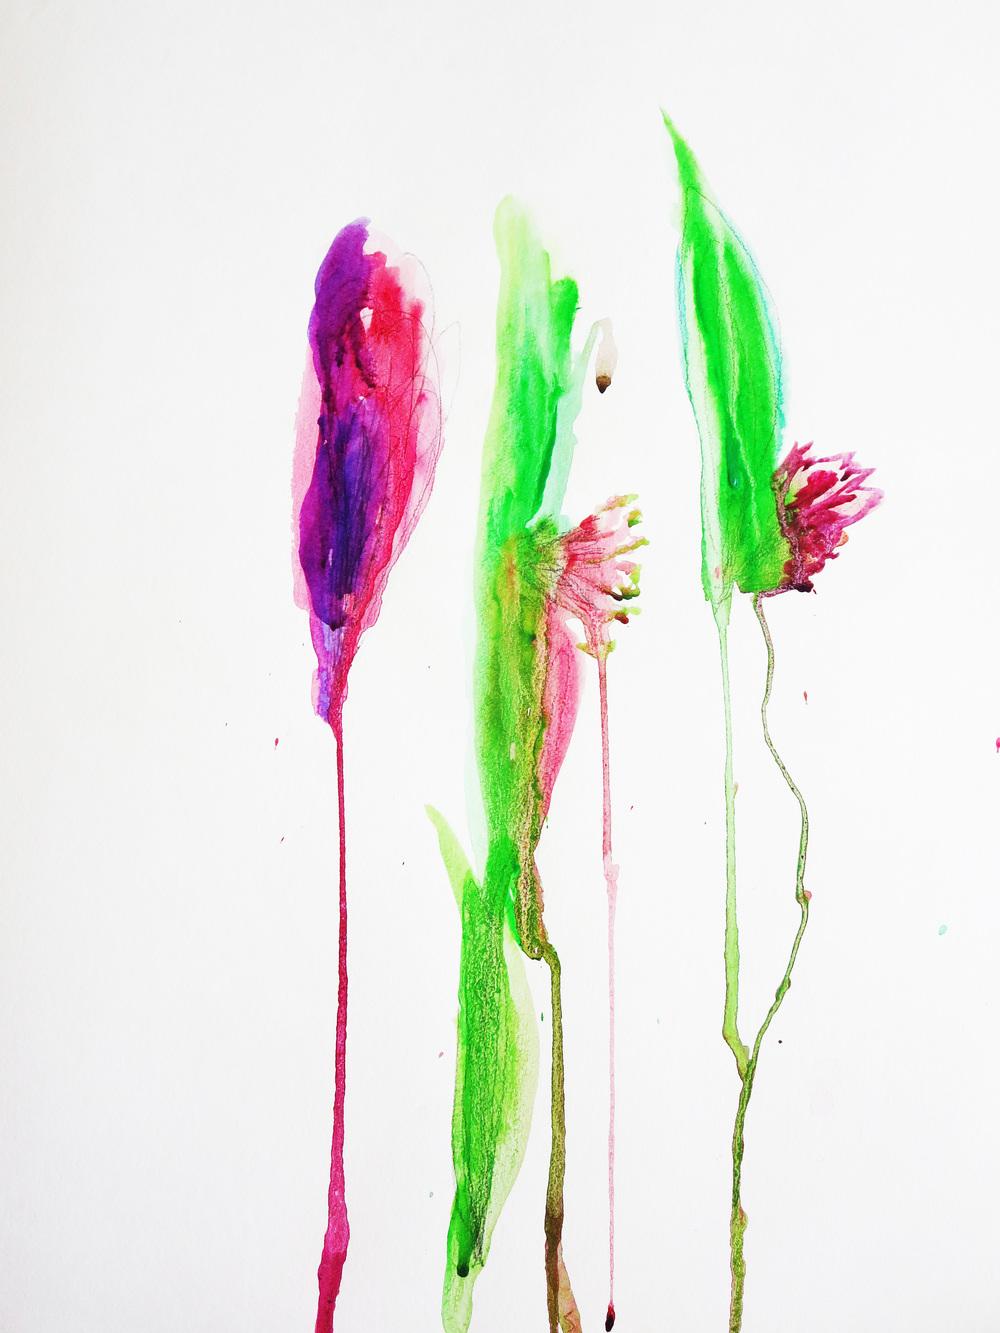 eros painting peinture_07.JPG